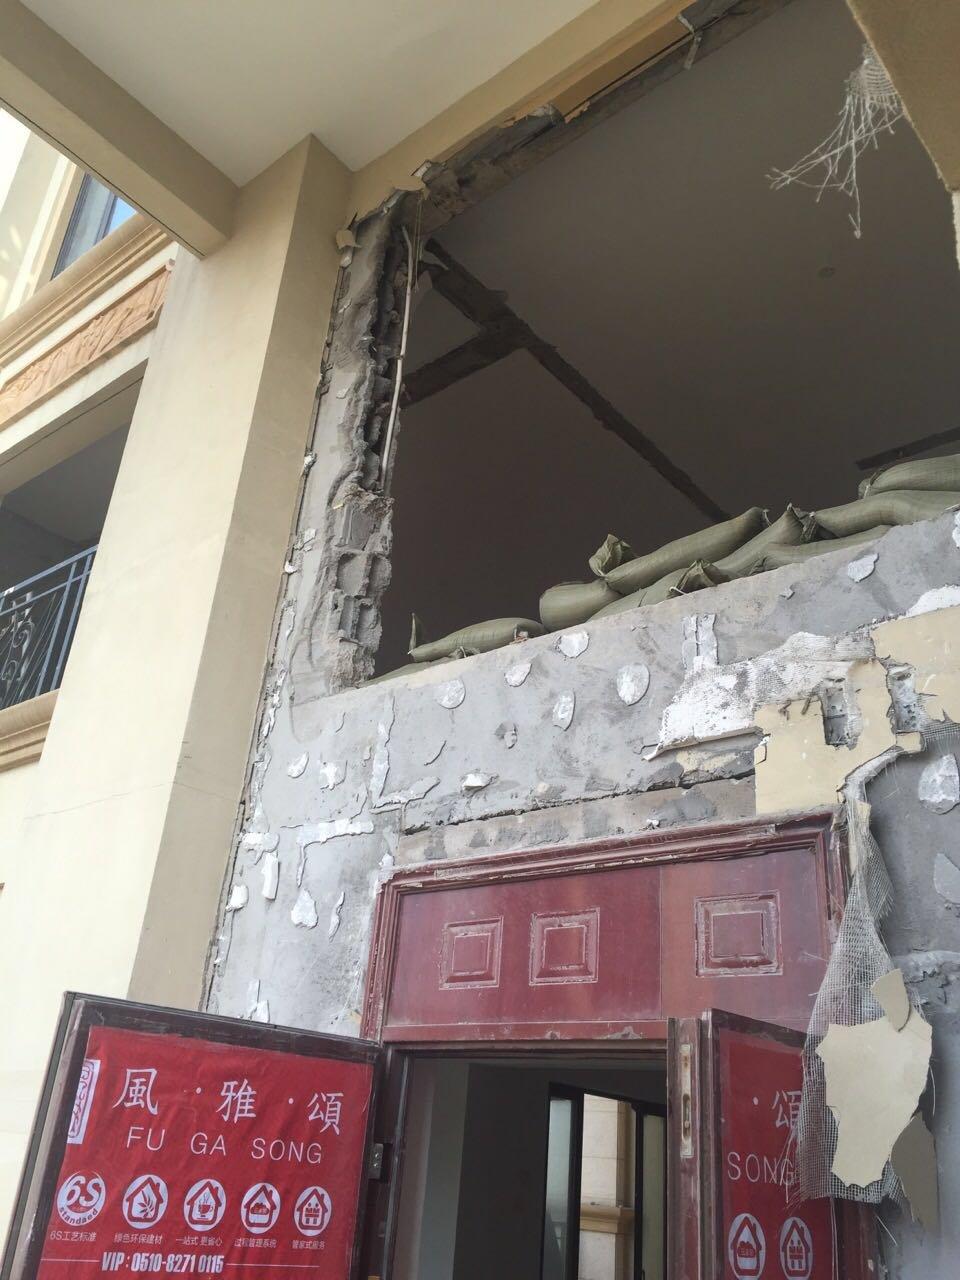 三楼四楼v风格风格美式别墅2016年春开工【无高端别墅上海图片